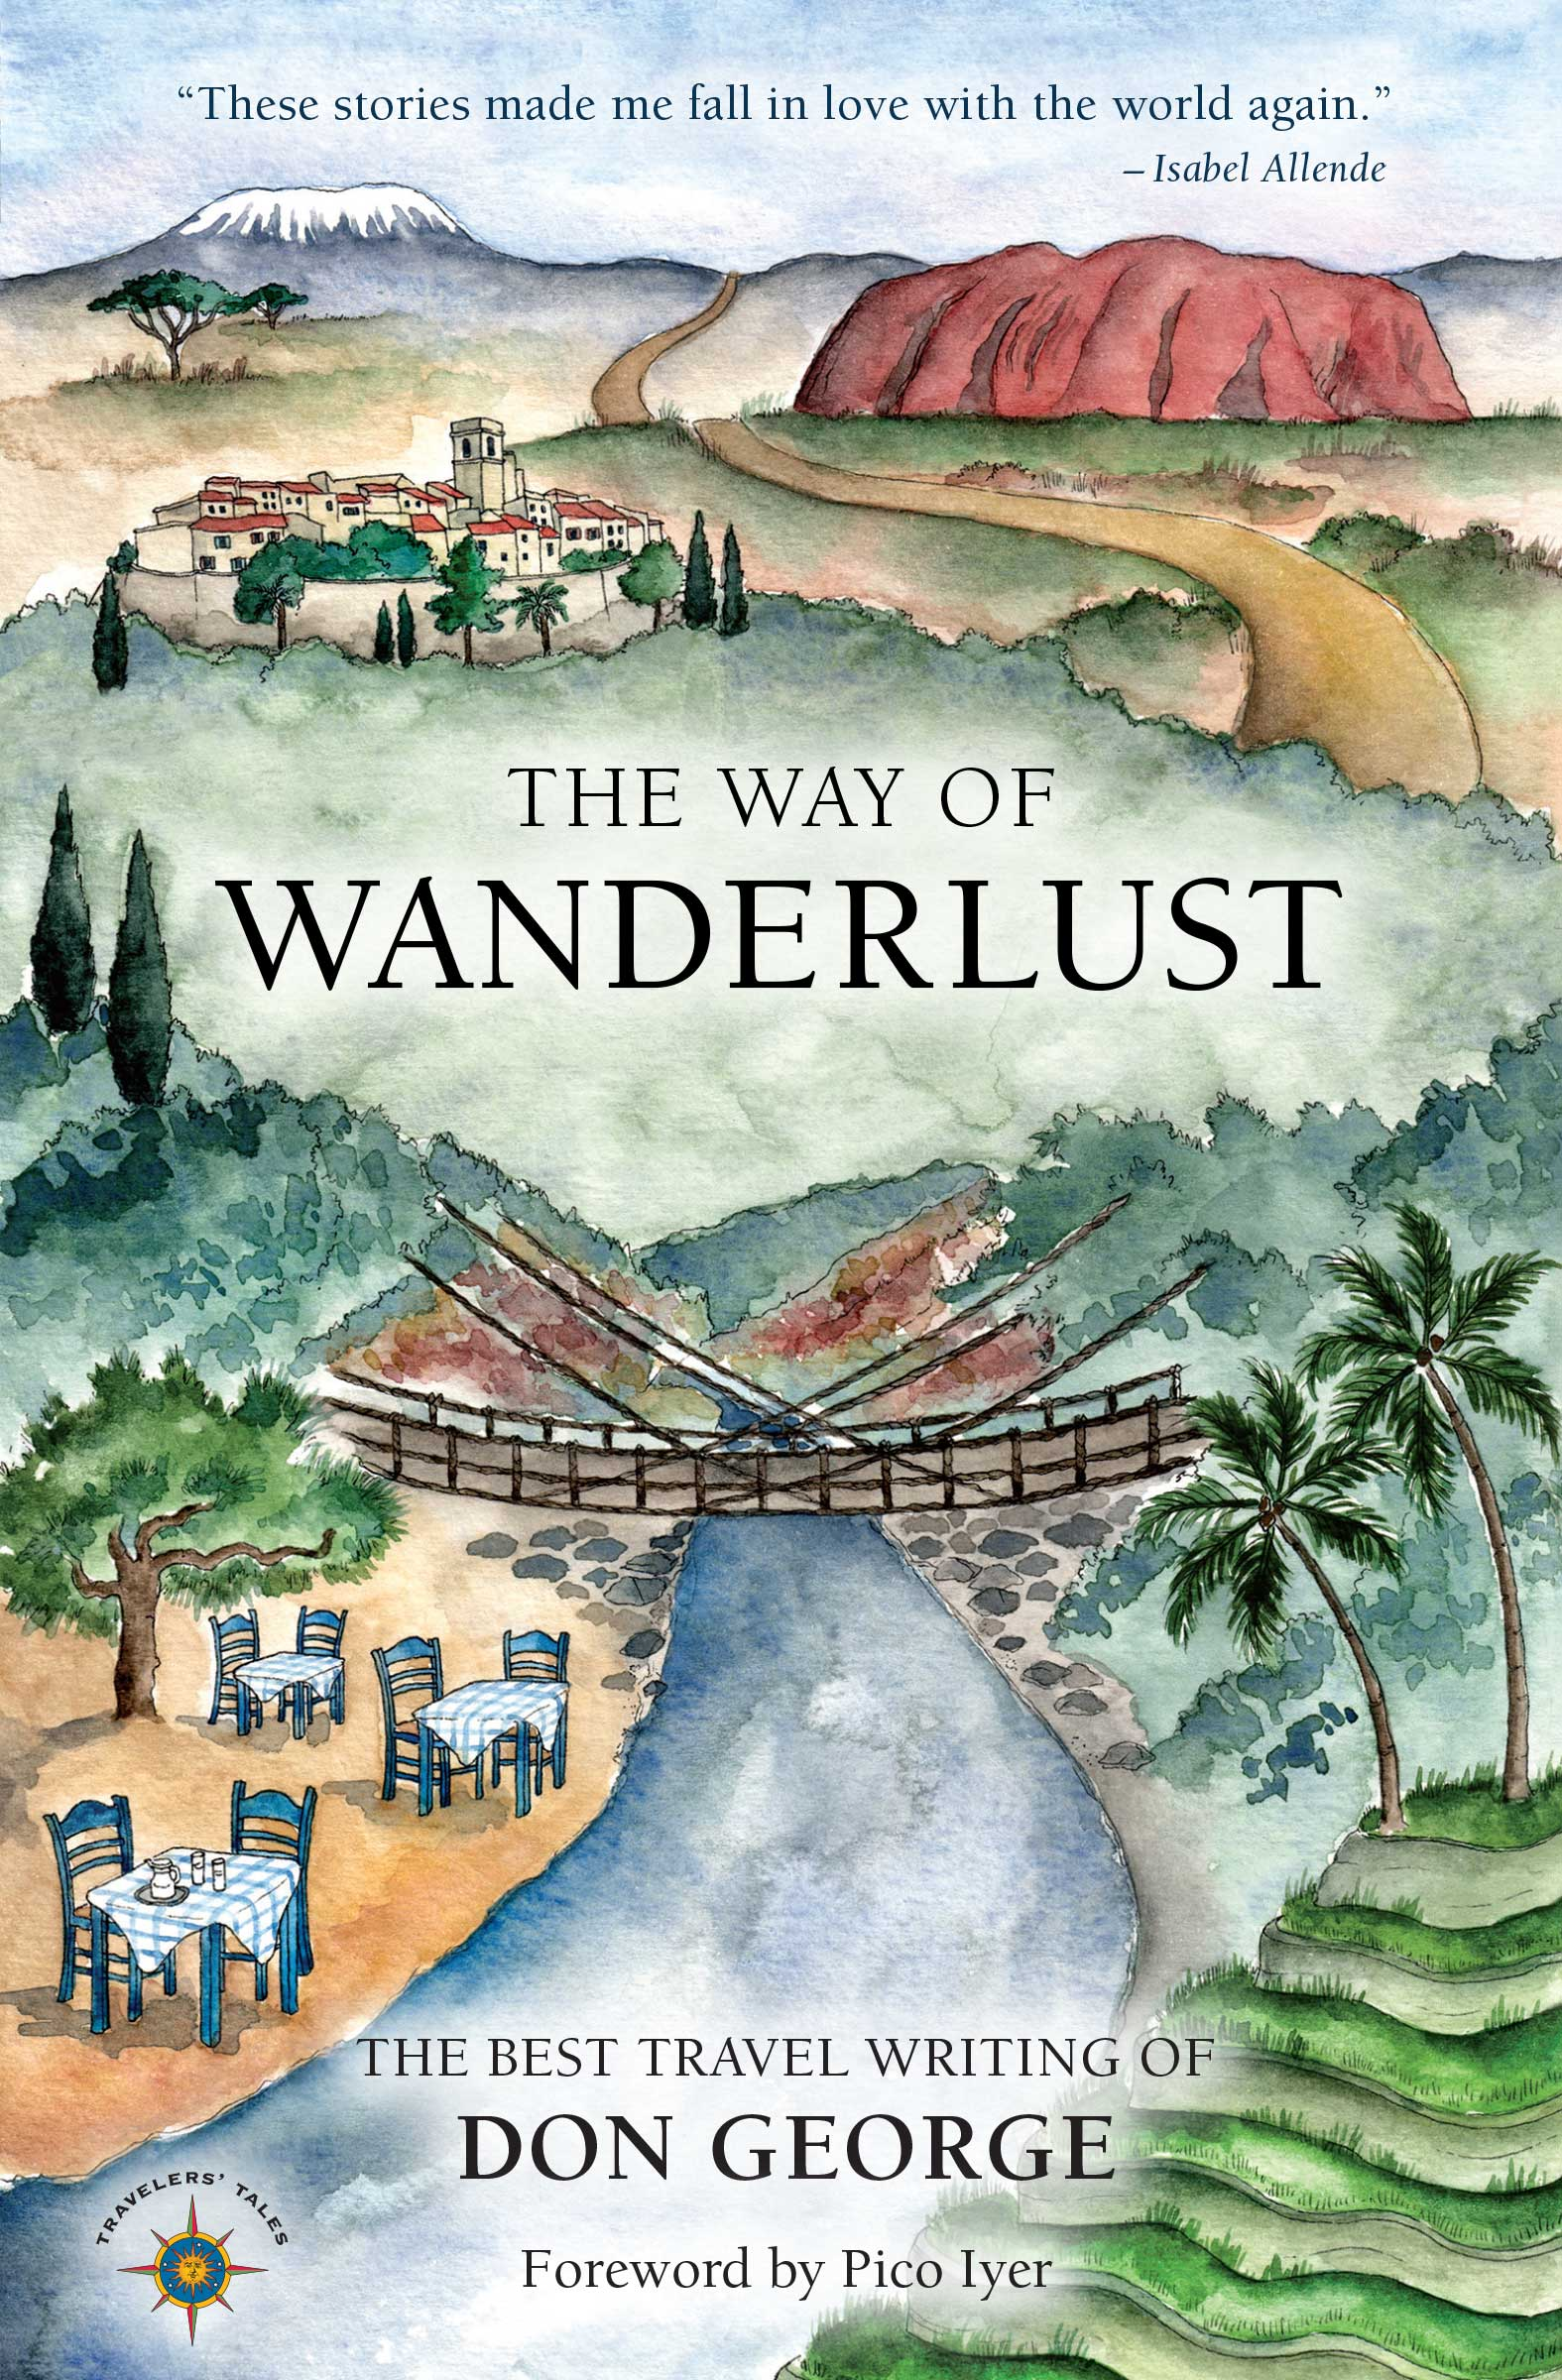 The Way of Wanderlust